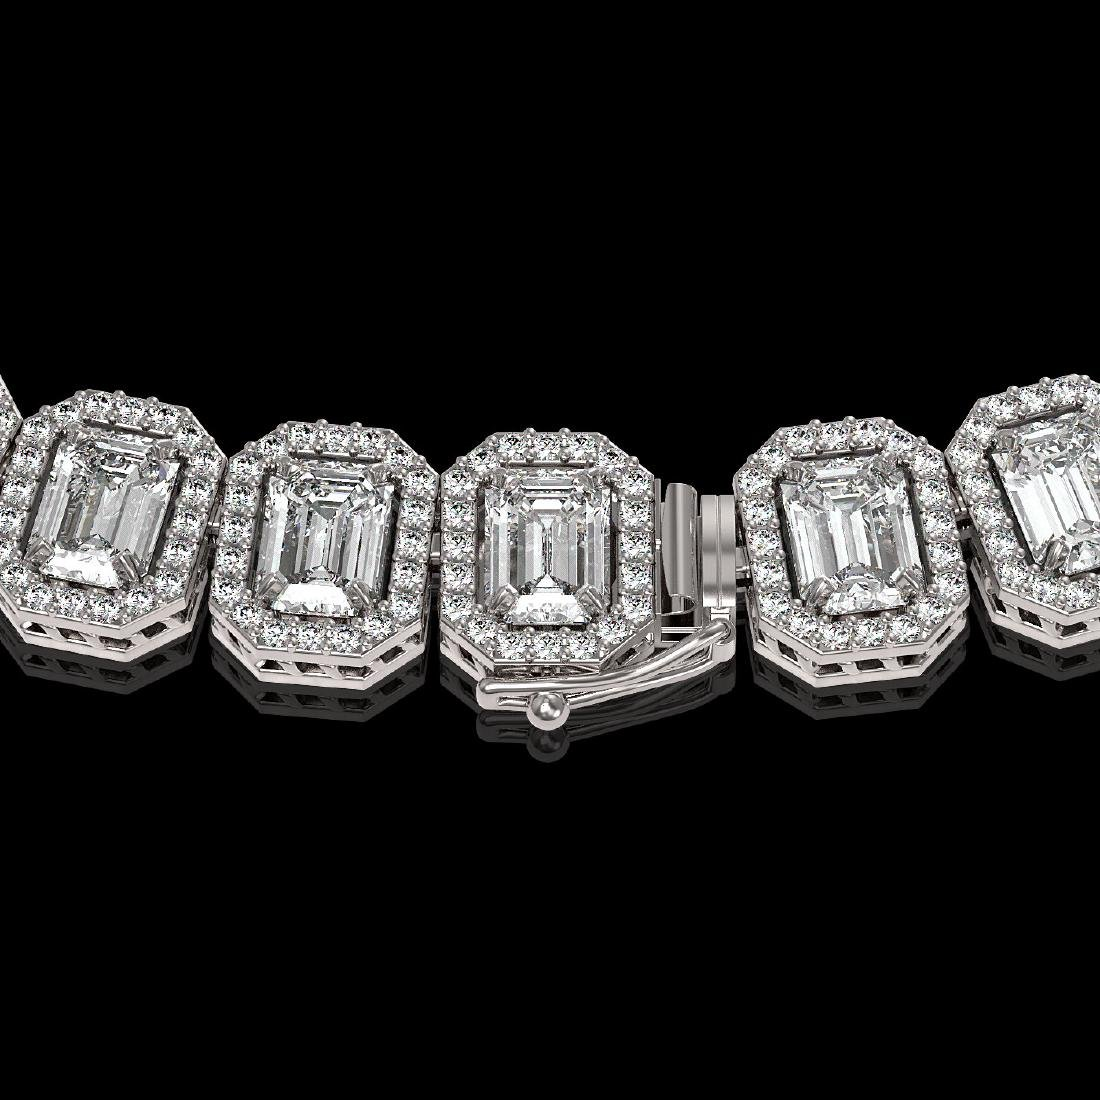 40.3 CTW Emerald Cut Diamond Designer Necklace 18K - 3